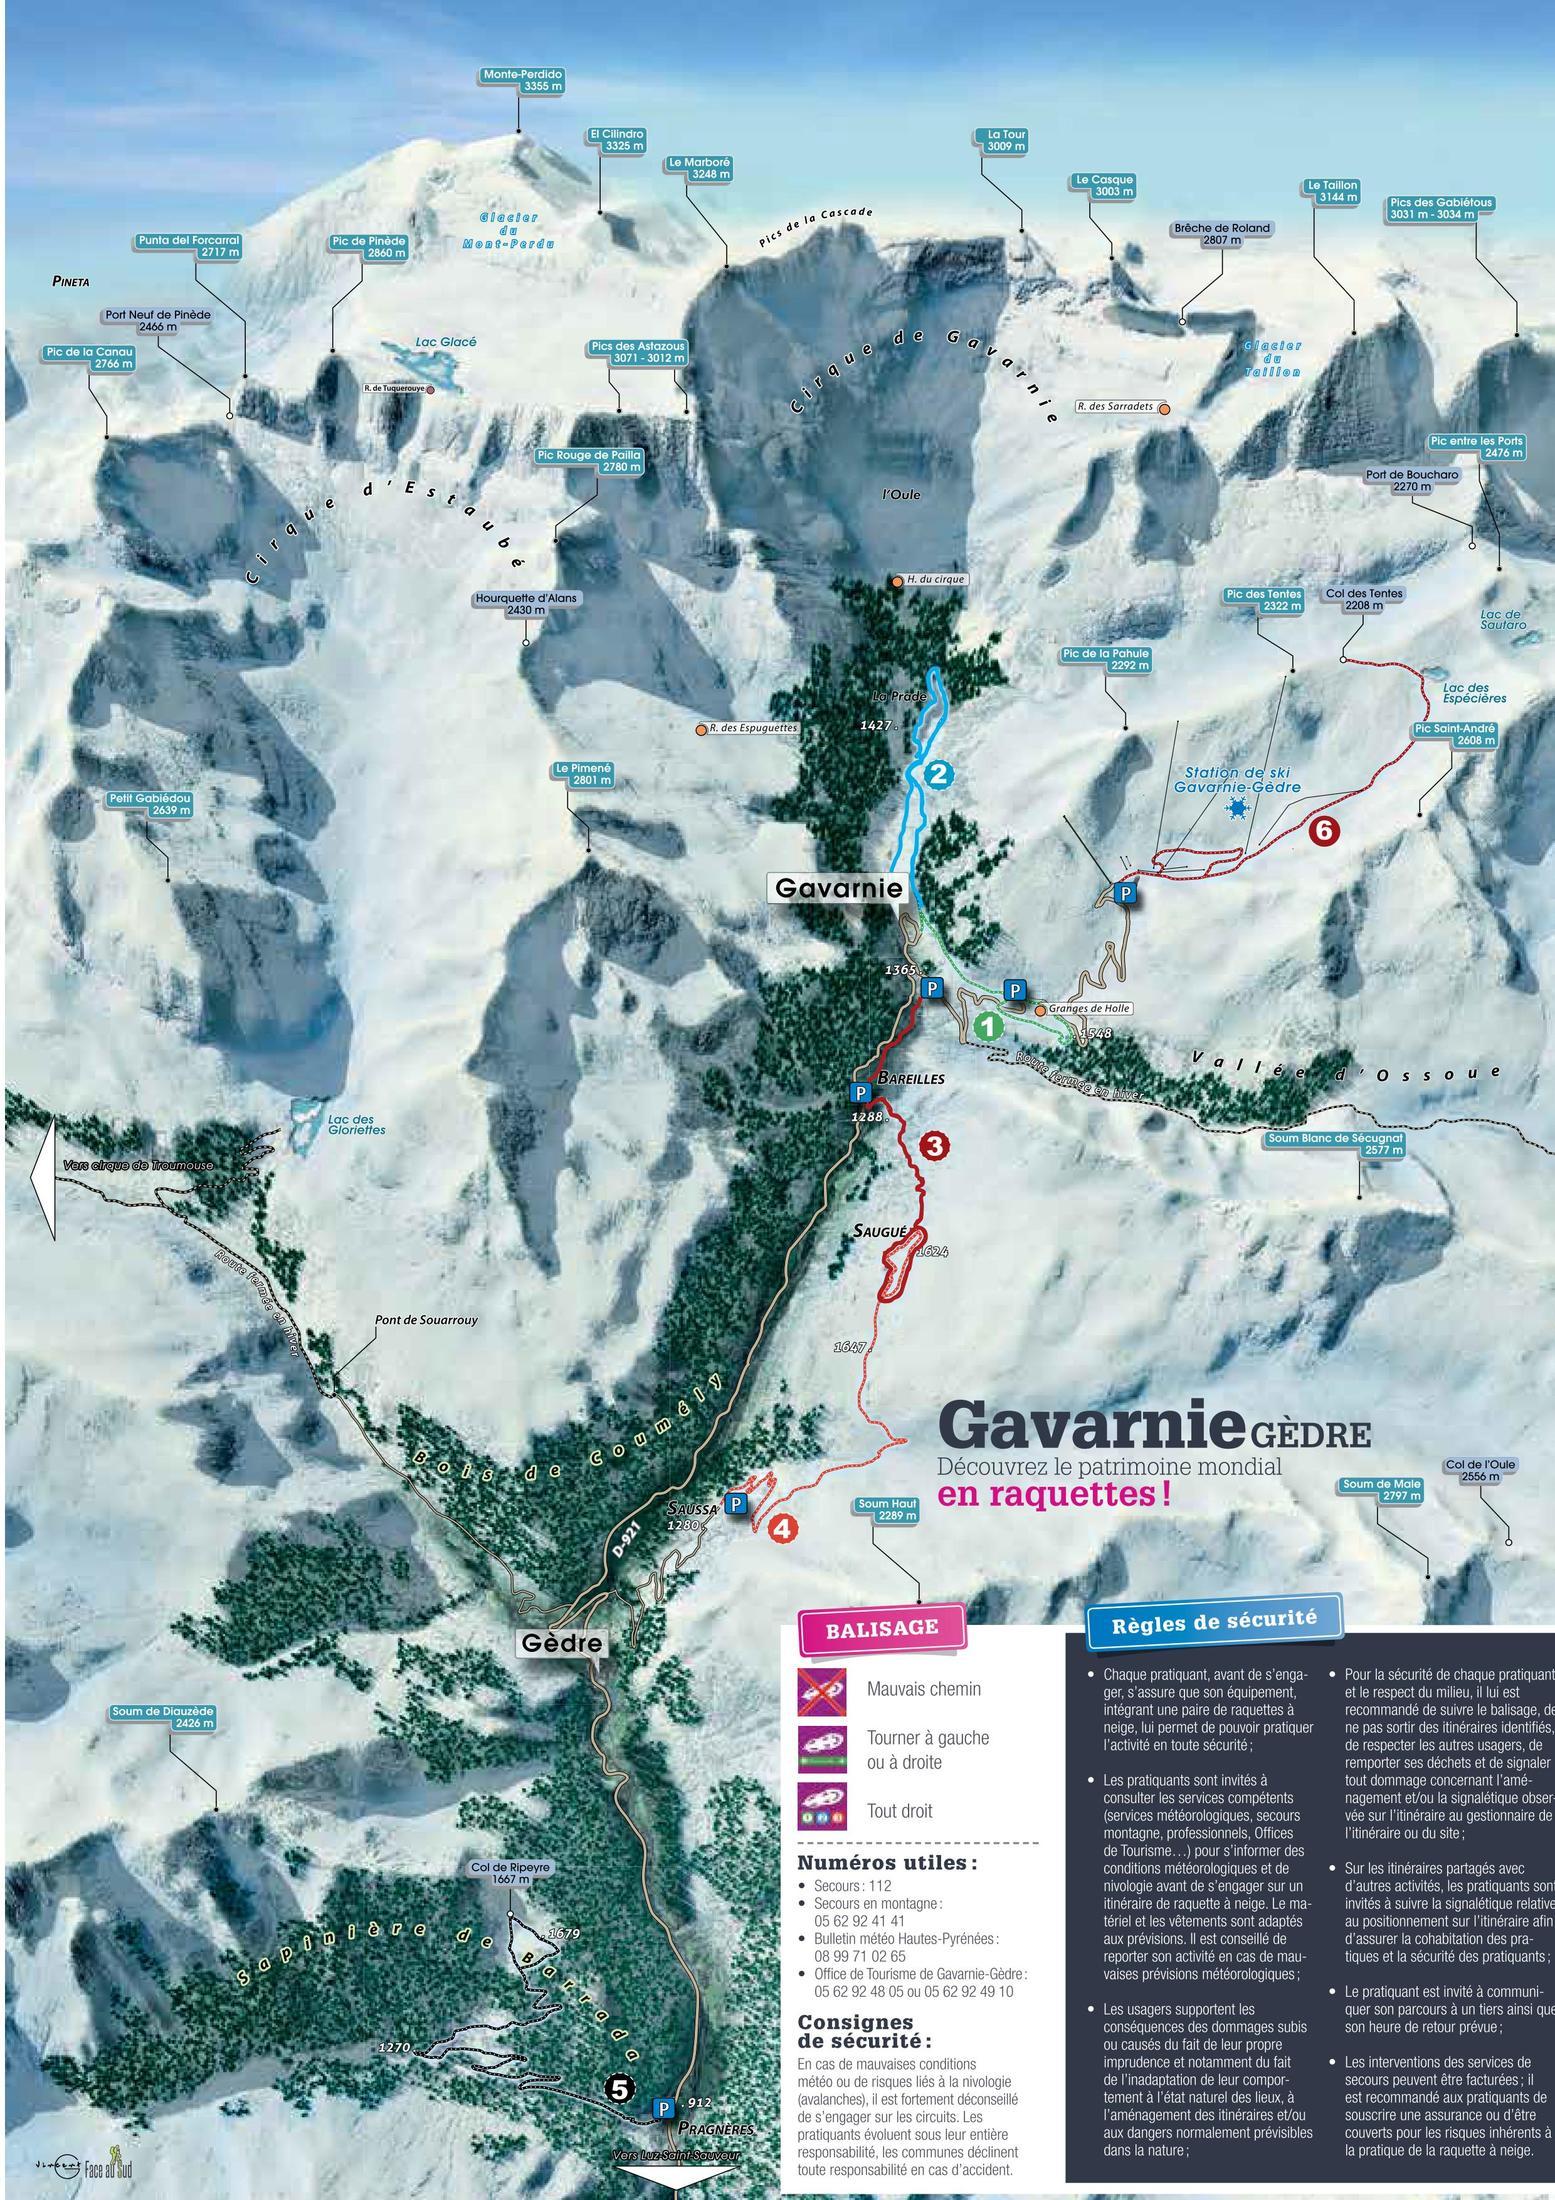 Gavarnie 雪地健行路線難度&地圖